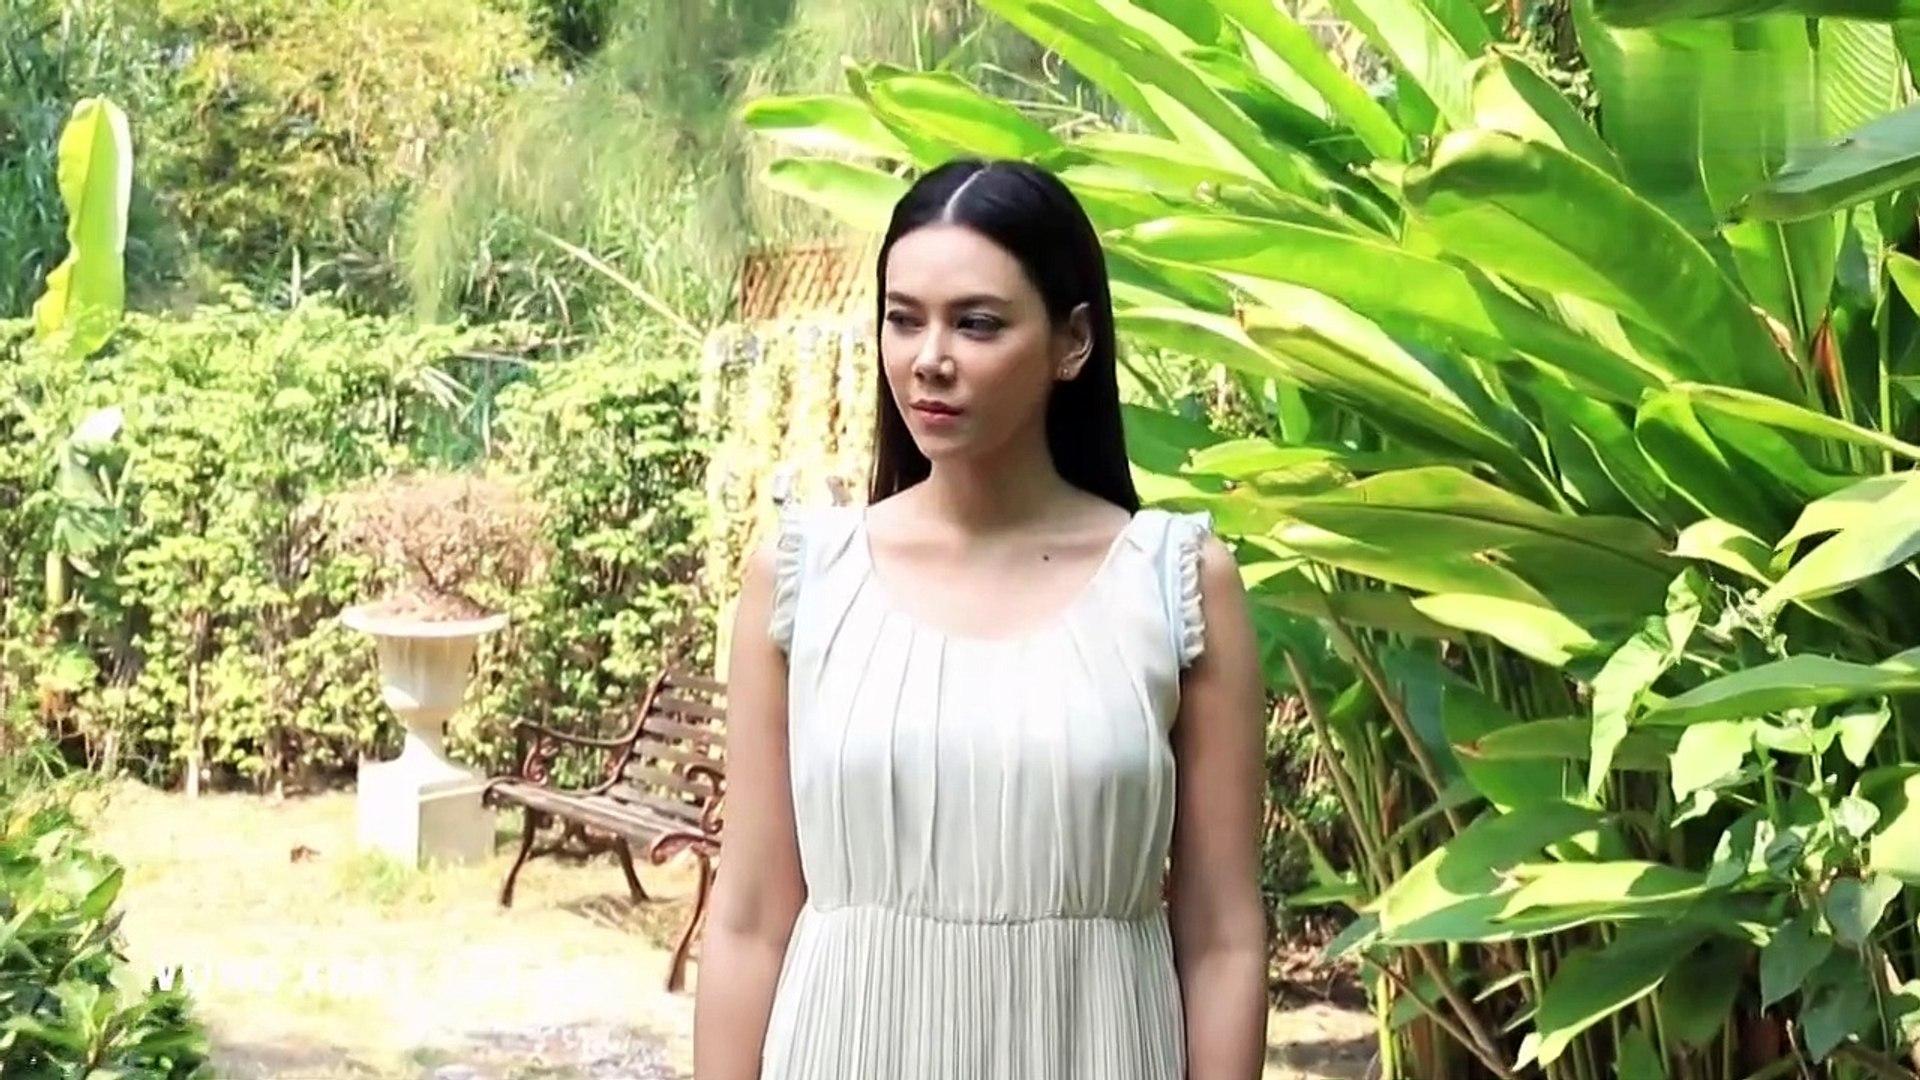 Vòng Xoáy Tội Ác Tập 18 - Phim Thái Lan Lồng Tiếng